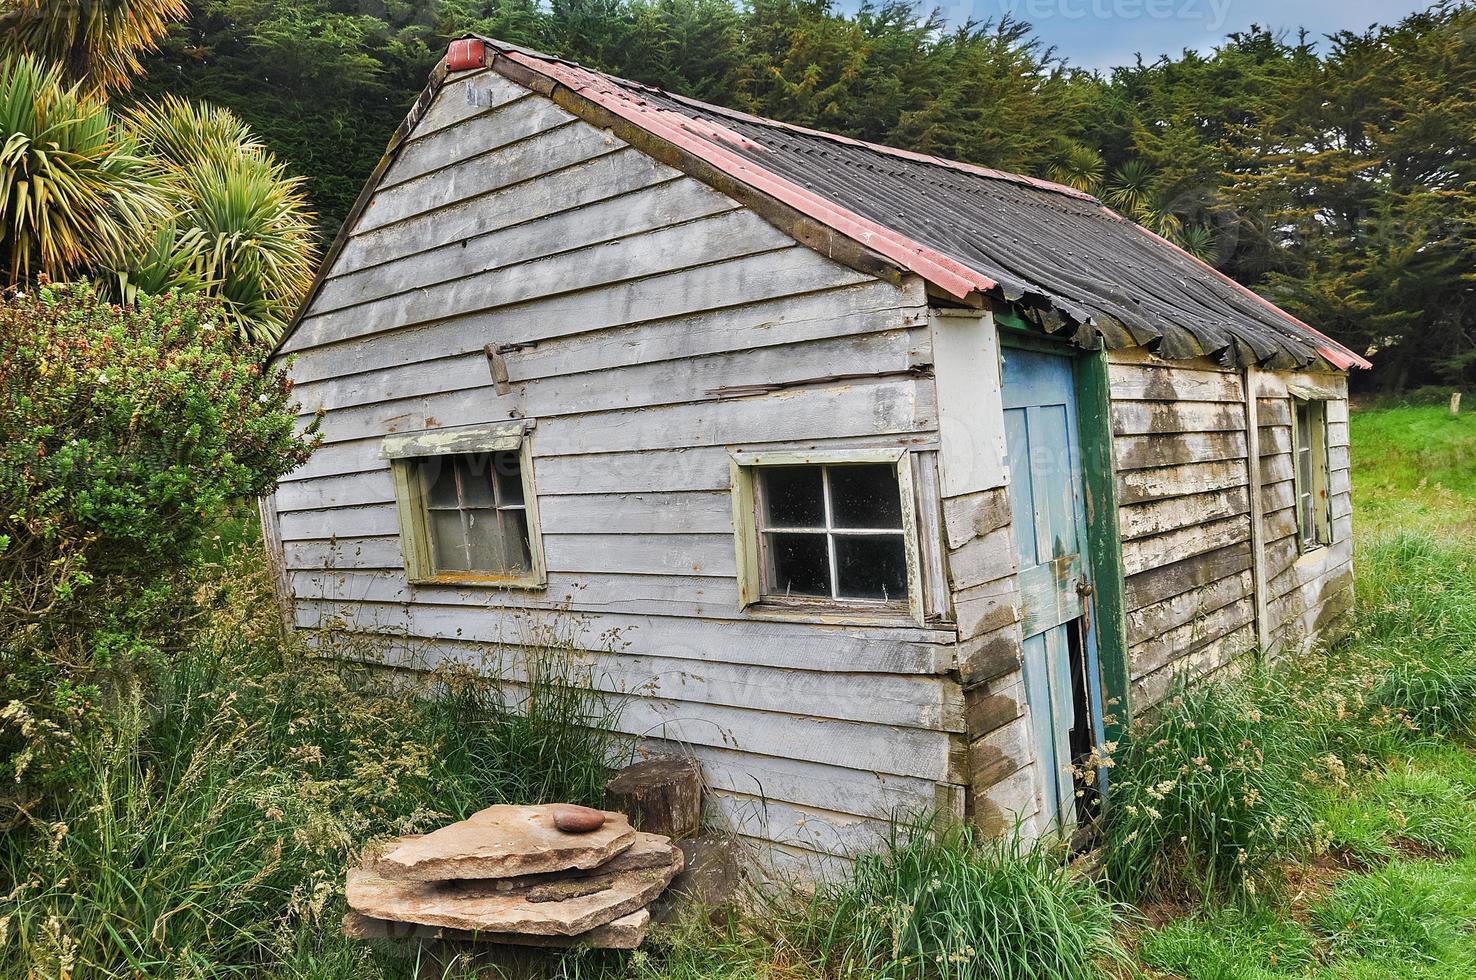 alte verwitterte Holzhütte im Wald foto